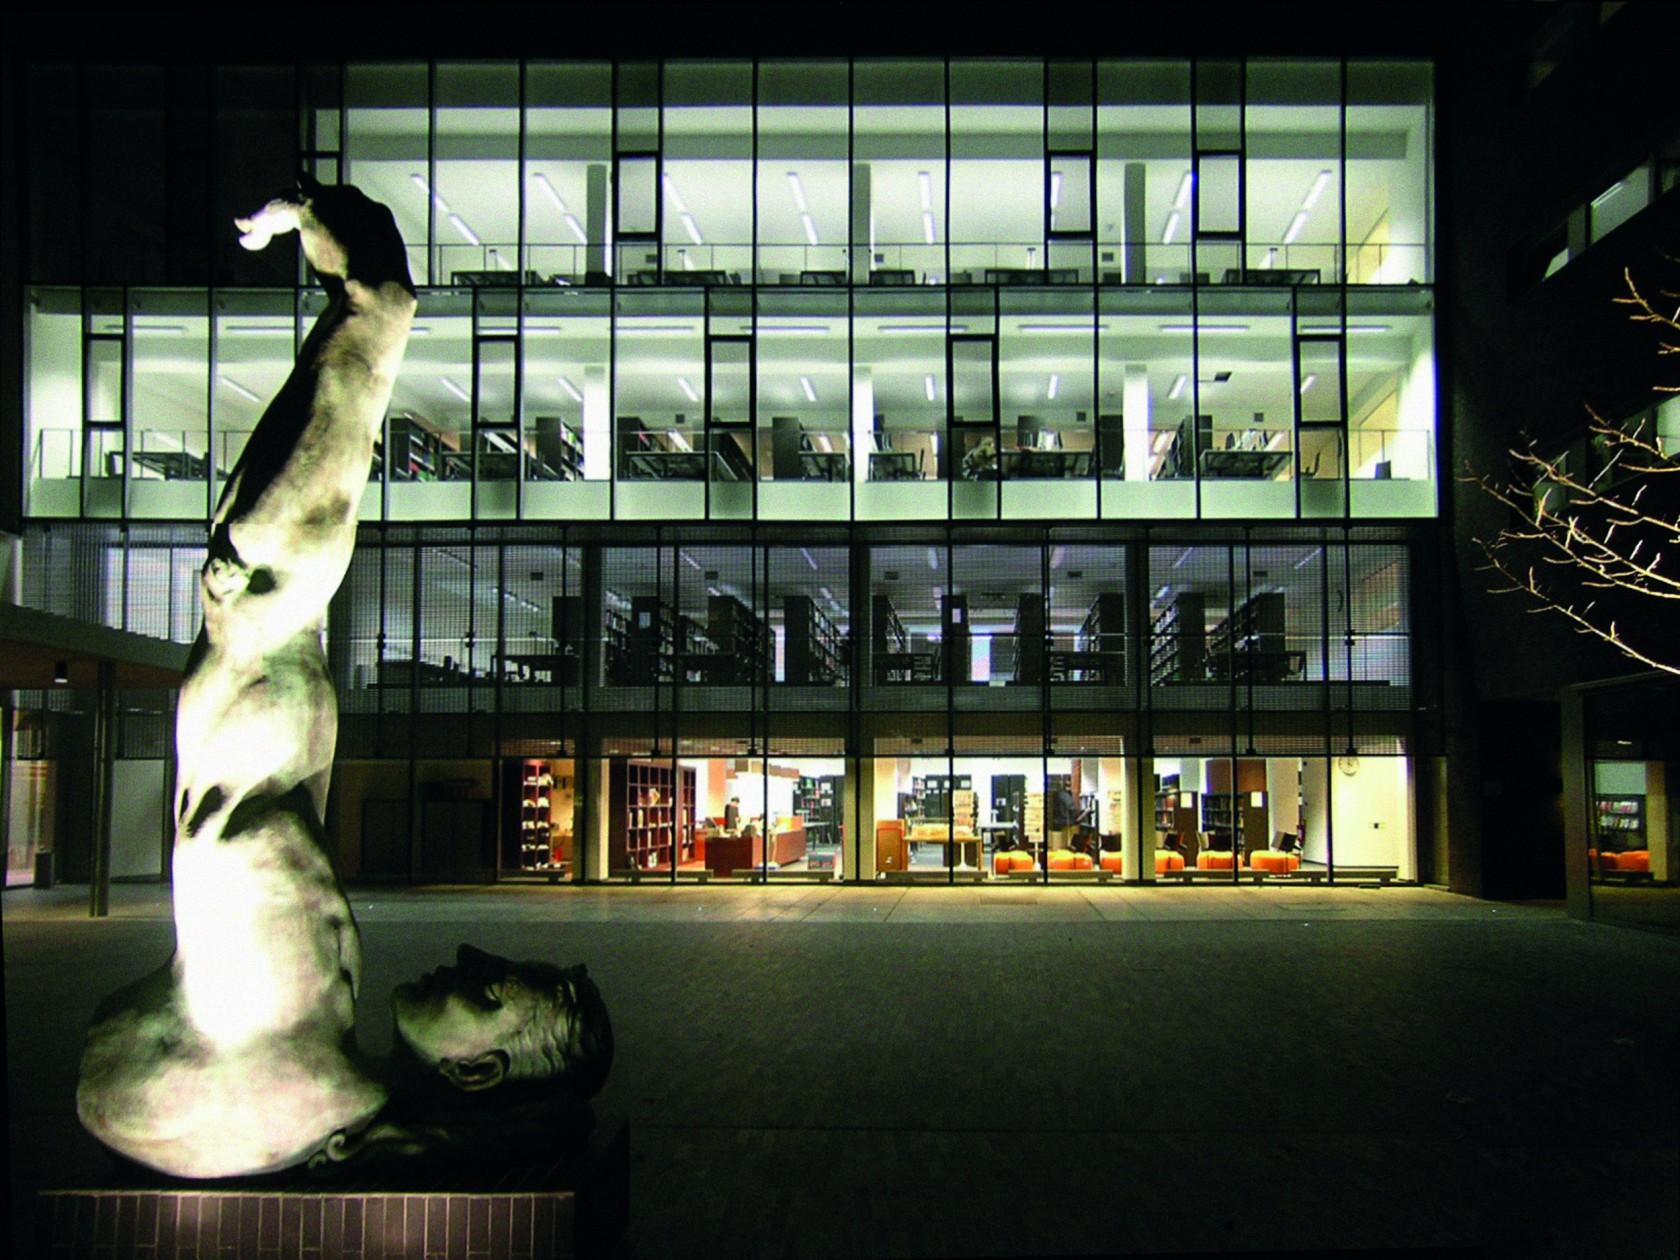 Abscis Architecten - Nieuw binnenplein met kunstwerk van Luk Van Soom – fotografie Elisabeth Broekaert